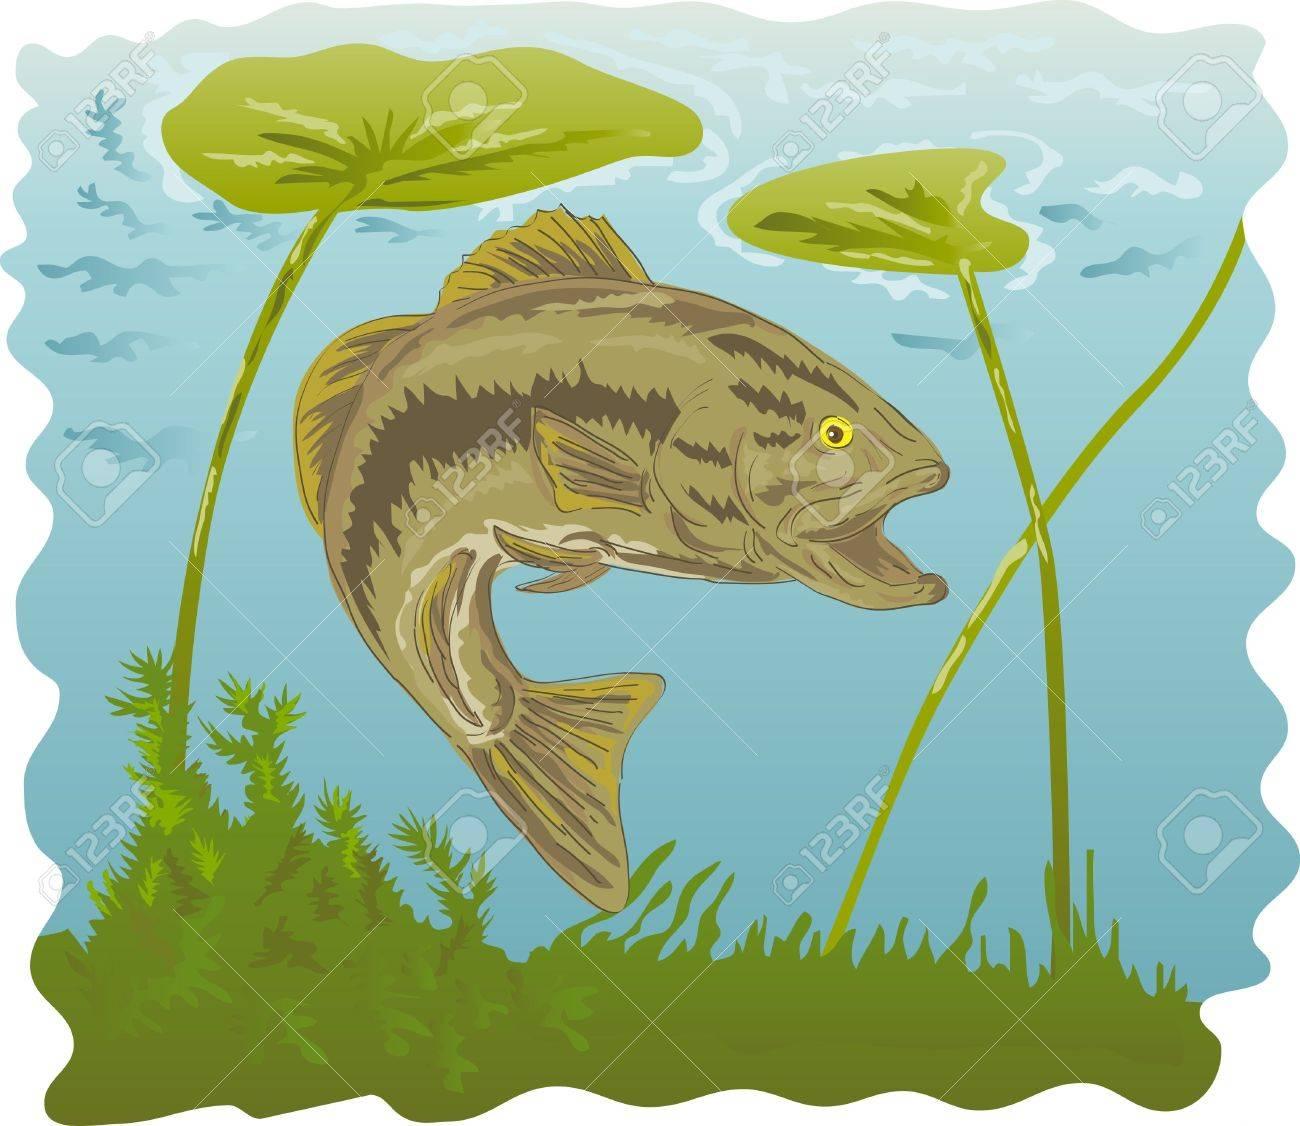 largemouth bass underwater Stock Photo - 7238234